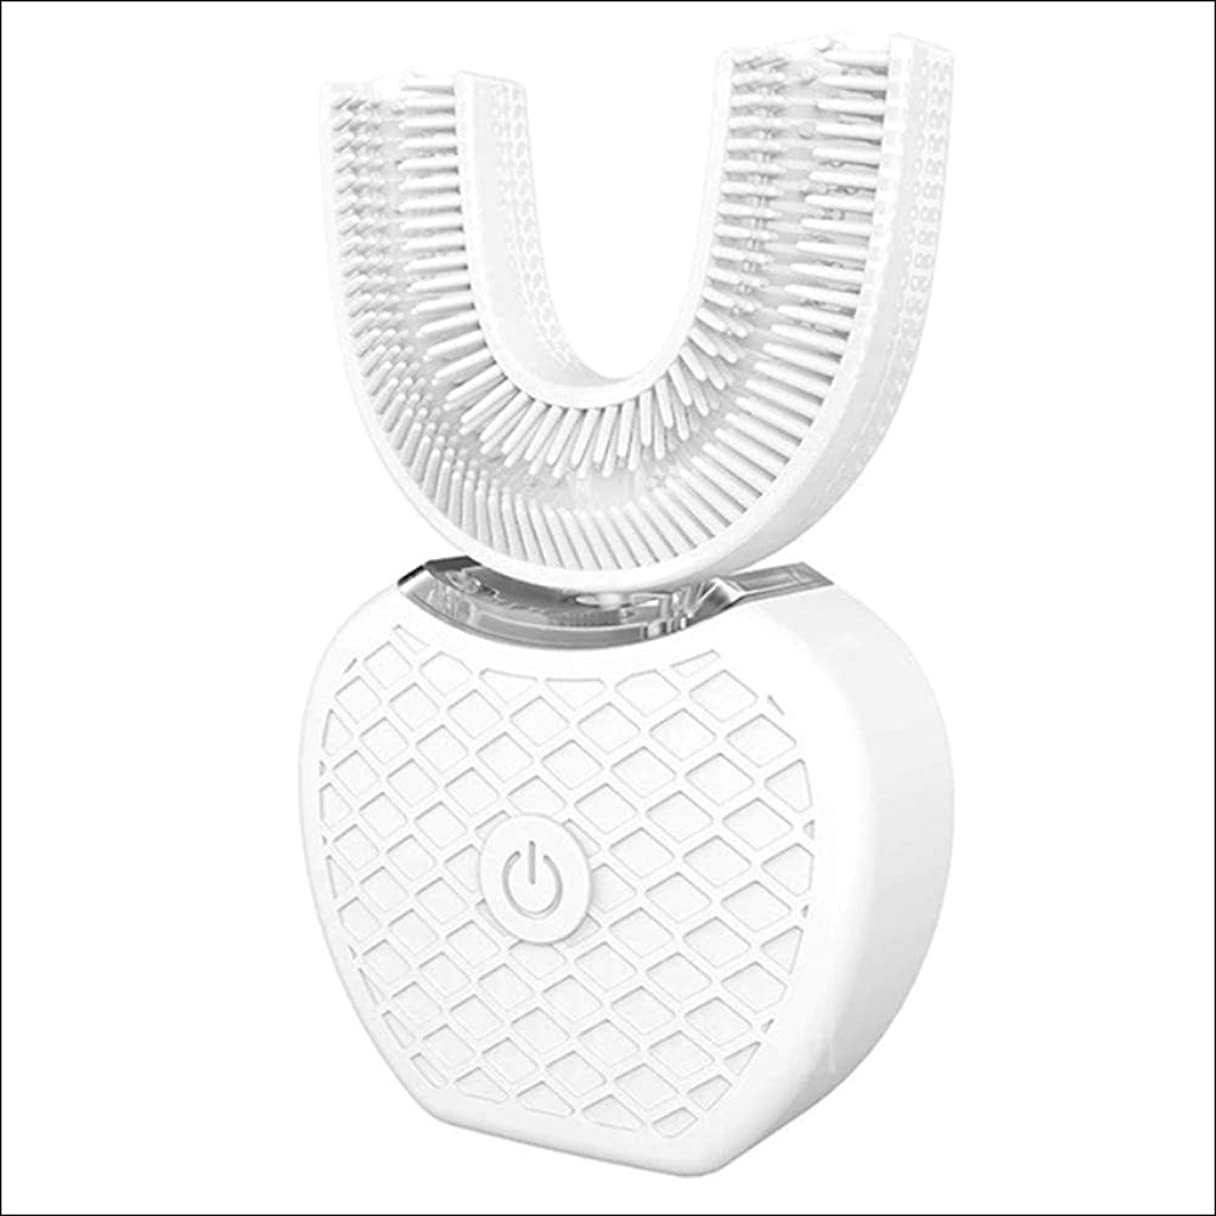 クックスクリュー好み[(Gearbest) Gearbest] [Auto 360-degree U-shape Electric Toothbrush Sonic Mouth Cleaner] (並行輸入品)